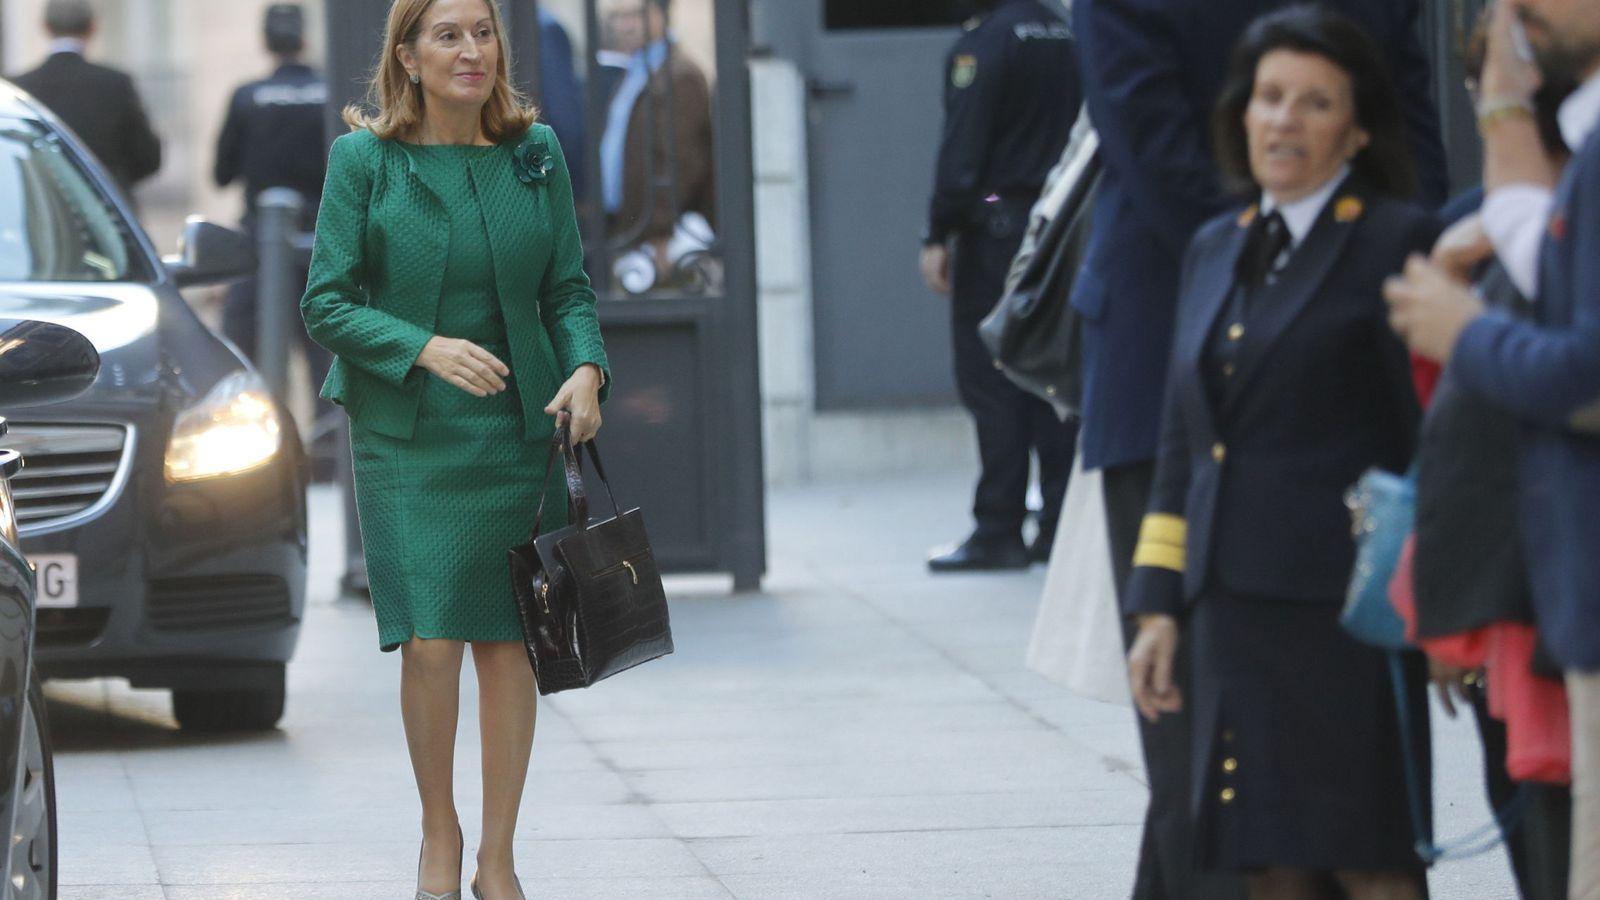 Foto: La presidenta del Congreso, Ana Pastor, a su llegada a la Cámara Baja. (EFE)